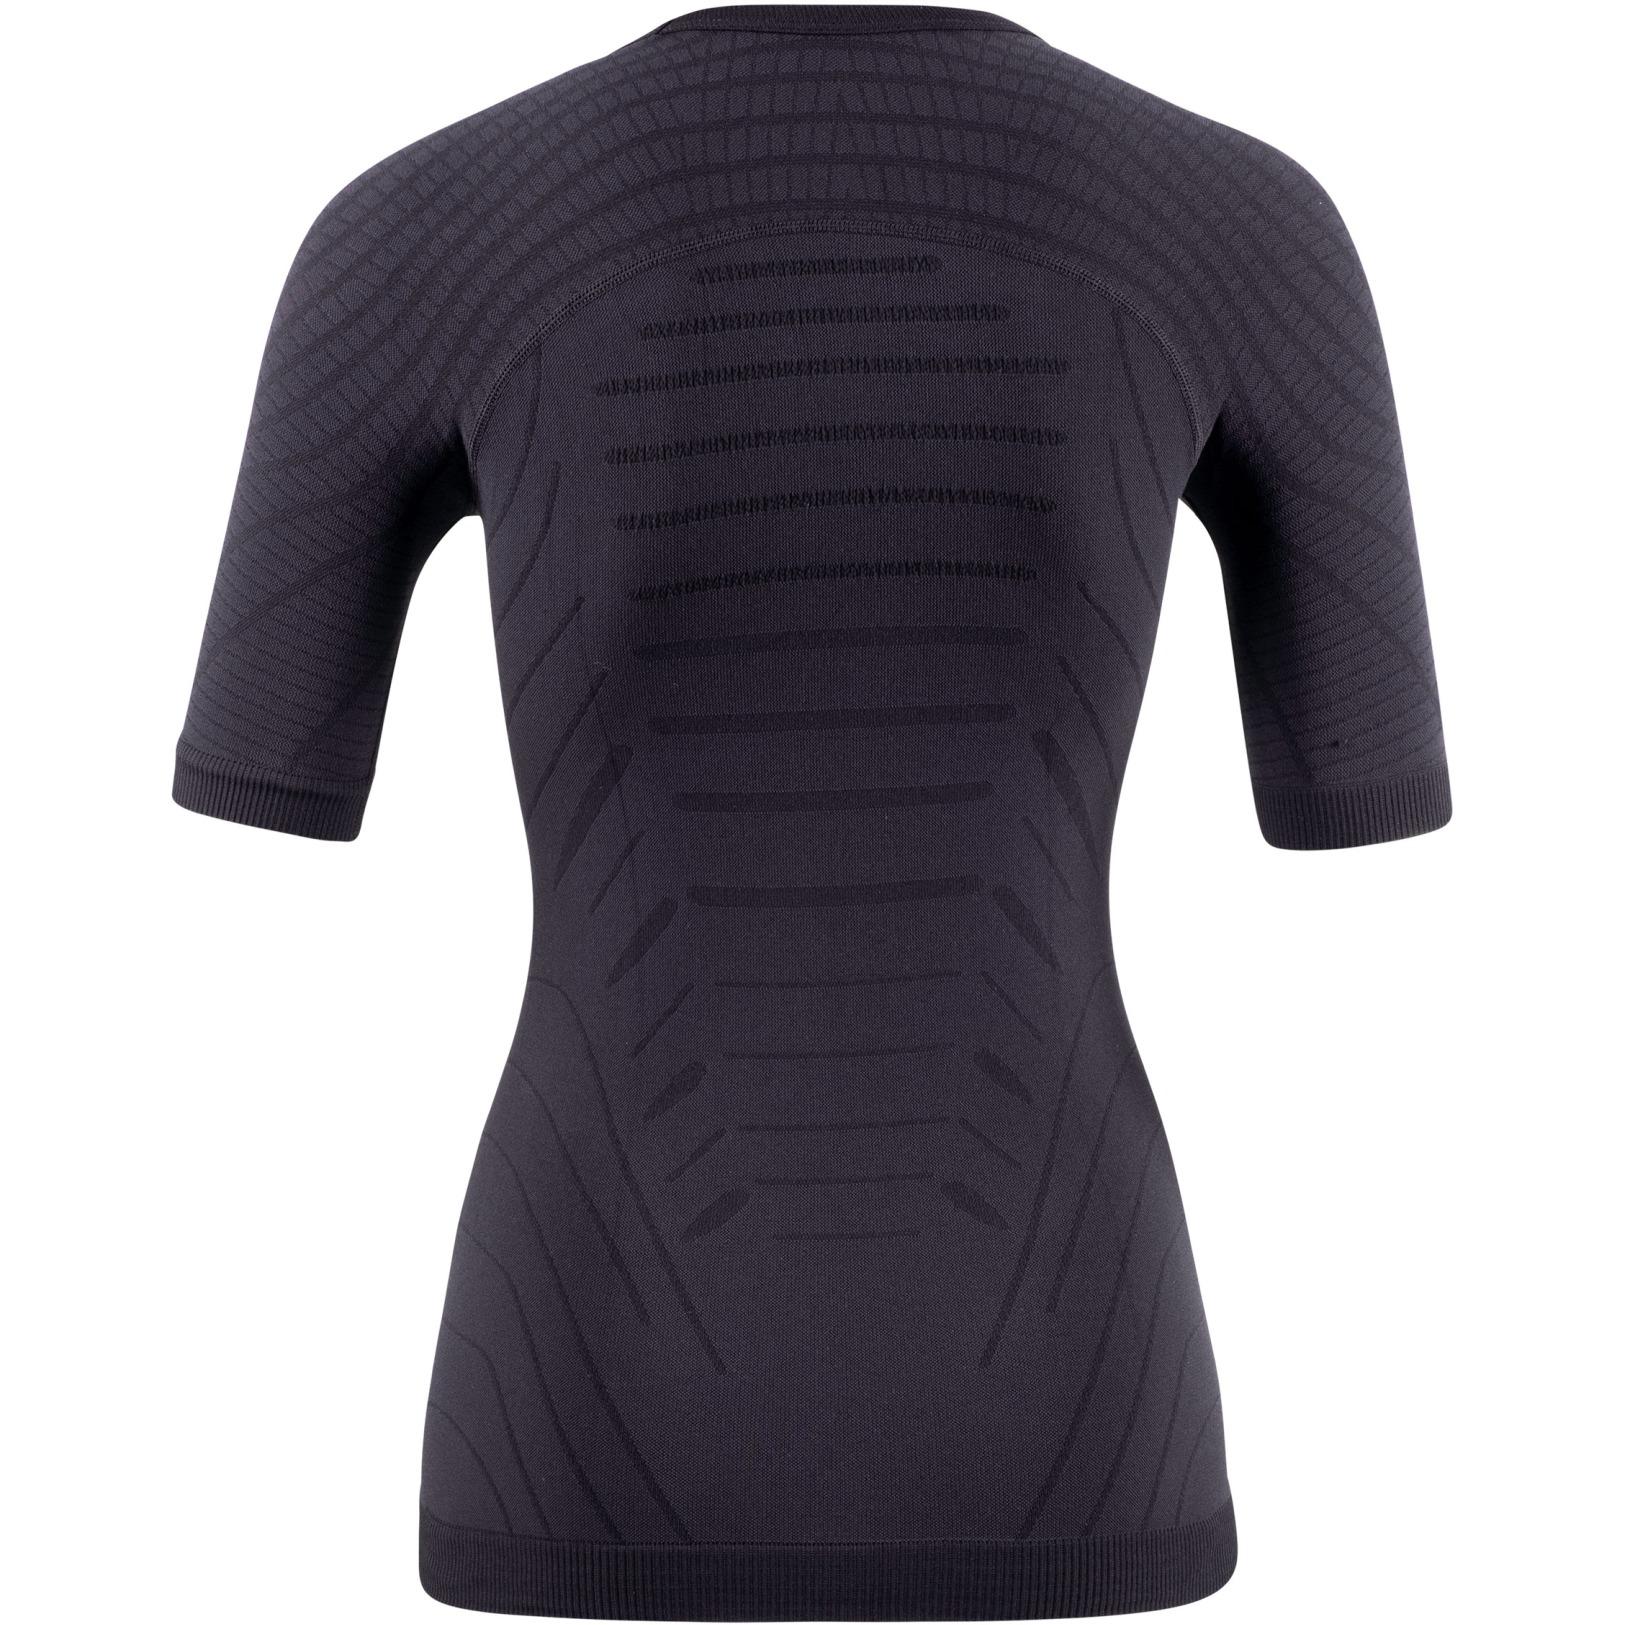 Bild von UYN Motyon 2.0 Underwear T-Shirt Damen - Blackboard